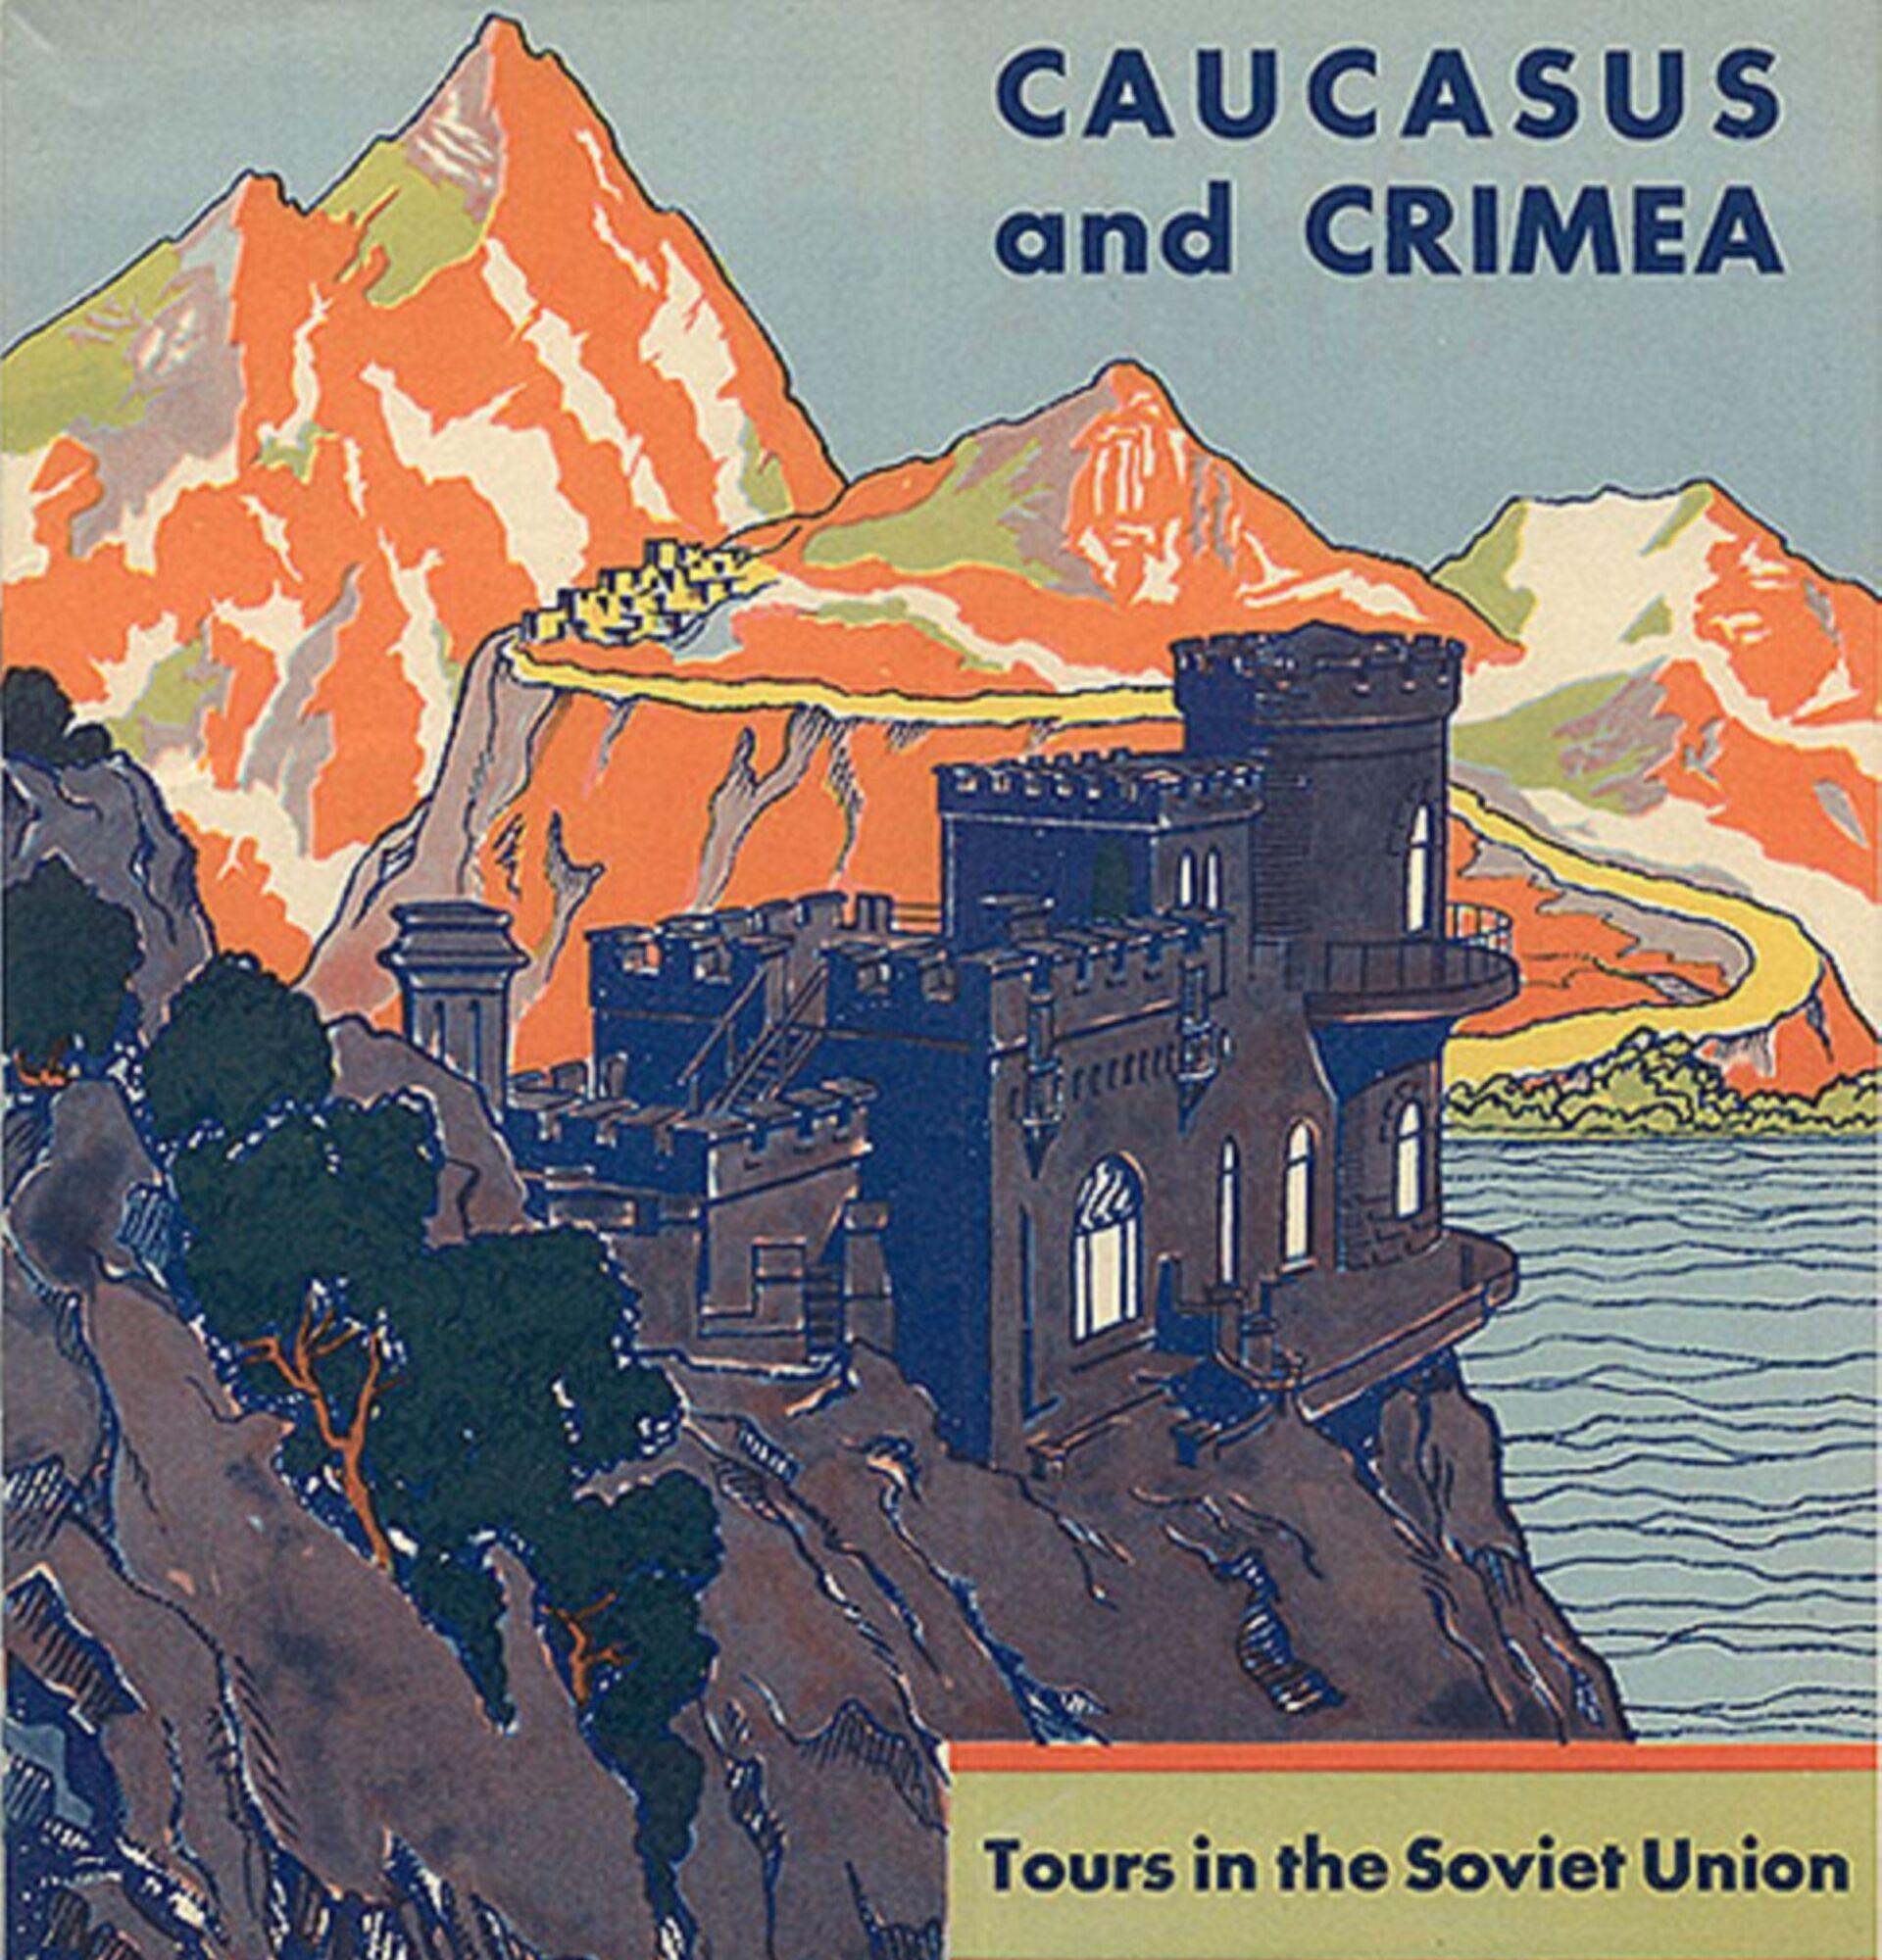 Плакат 1930-х для привлечения туристов в Крым